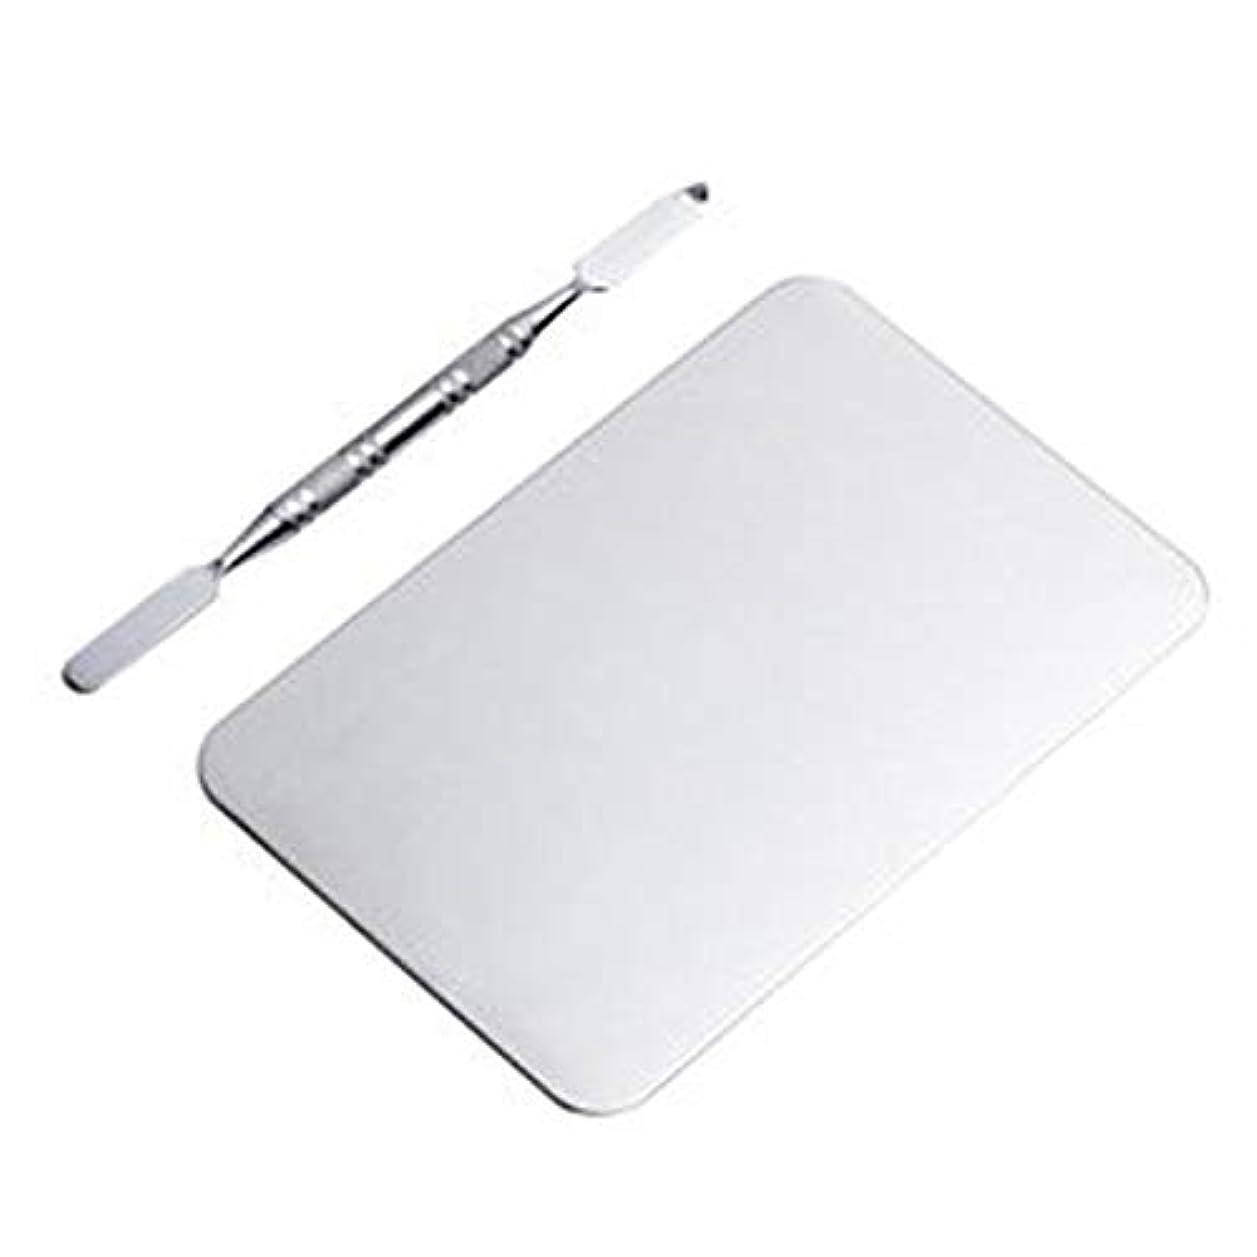 支払い静かな再生可能サロン マニキュア カラーパレット メイクアップクリームファンデーションミキシングパレット 化粧品メイクアップツール ステンレス鋼板(115x75MM) (Color : Nonporous)